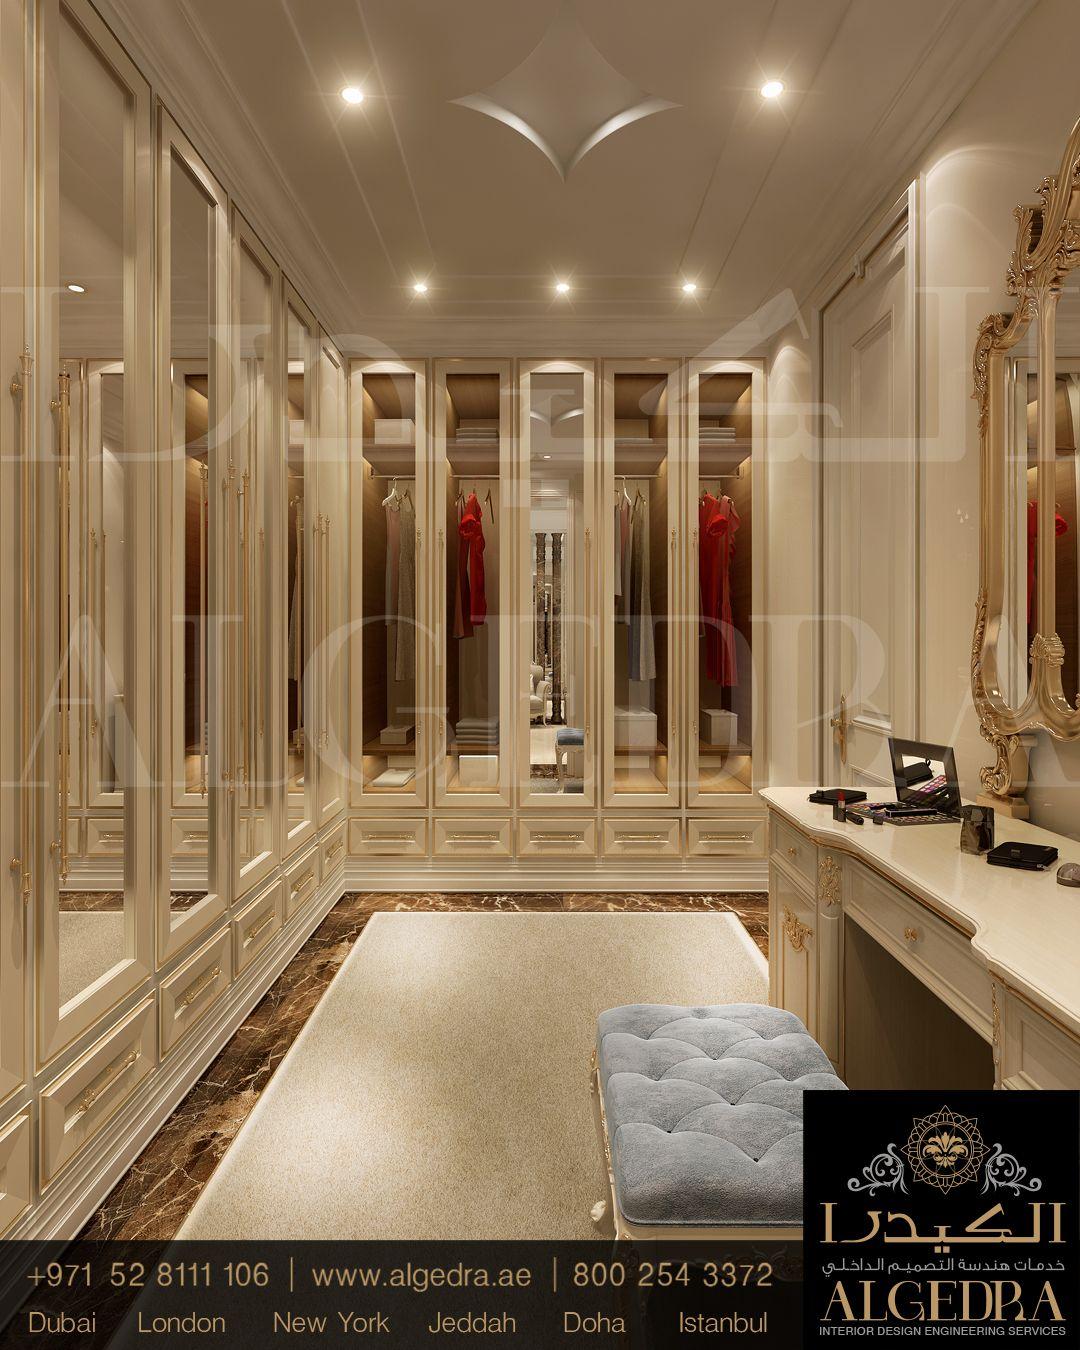 رقي ملموس في تصميم غرف الملابس 00971528111106 نستقبل استفساراتكم